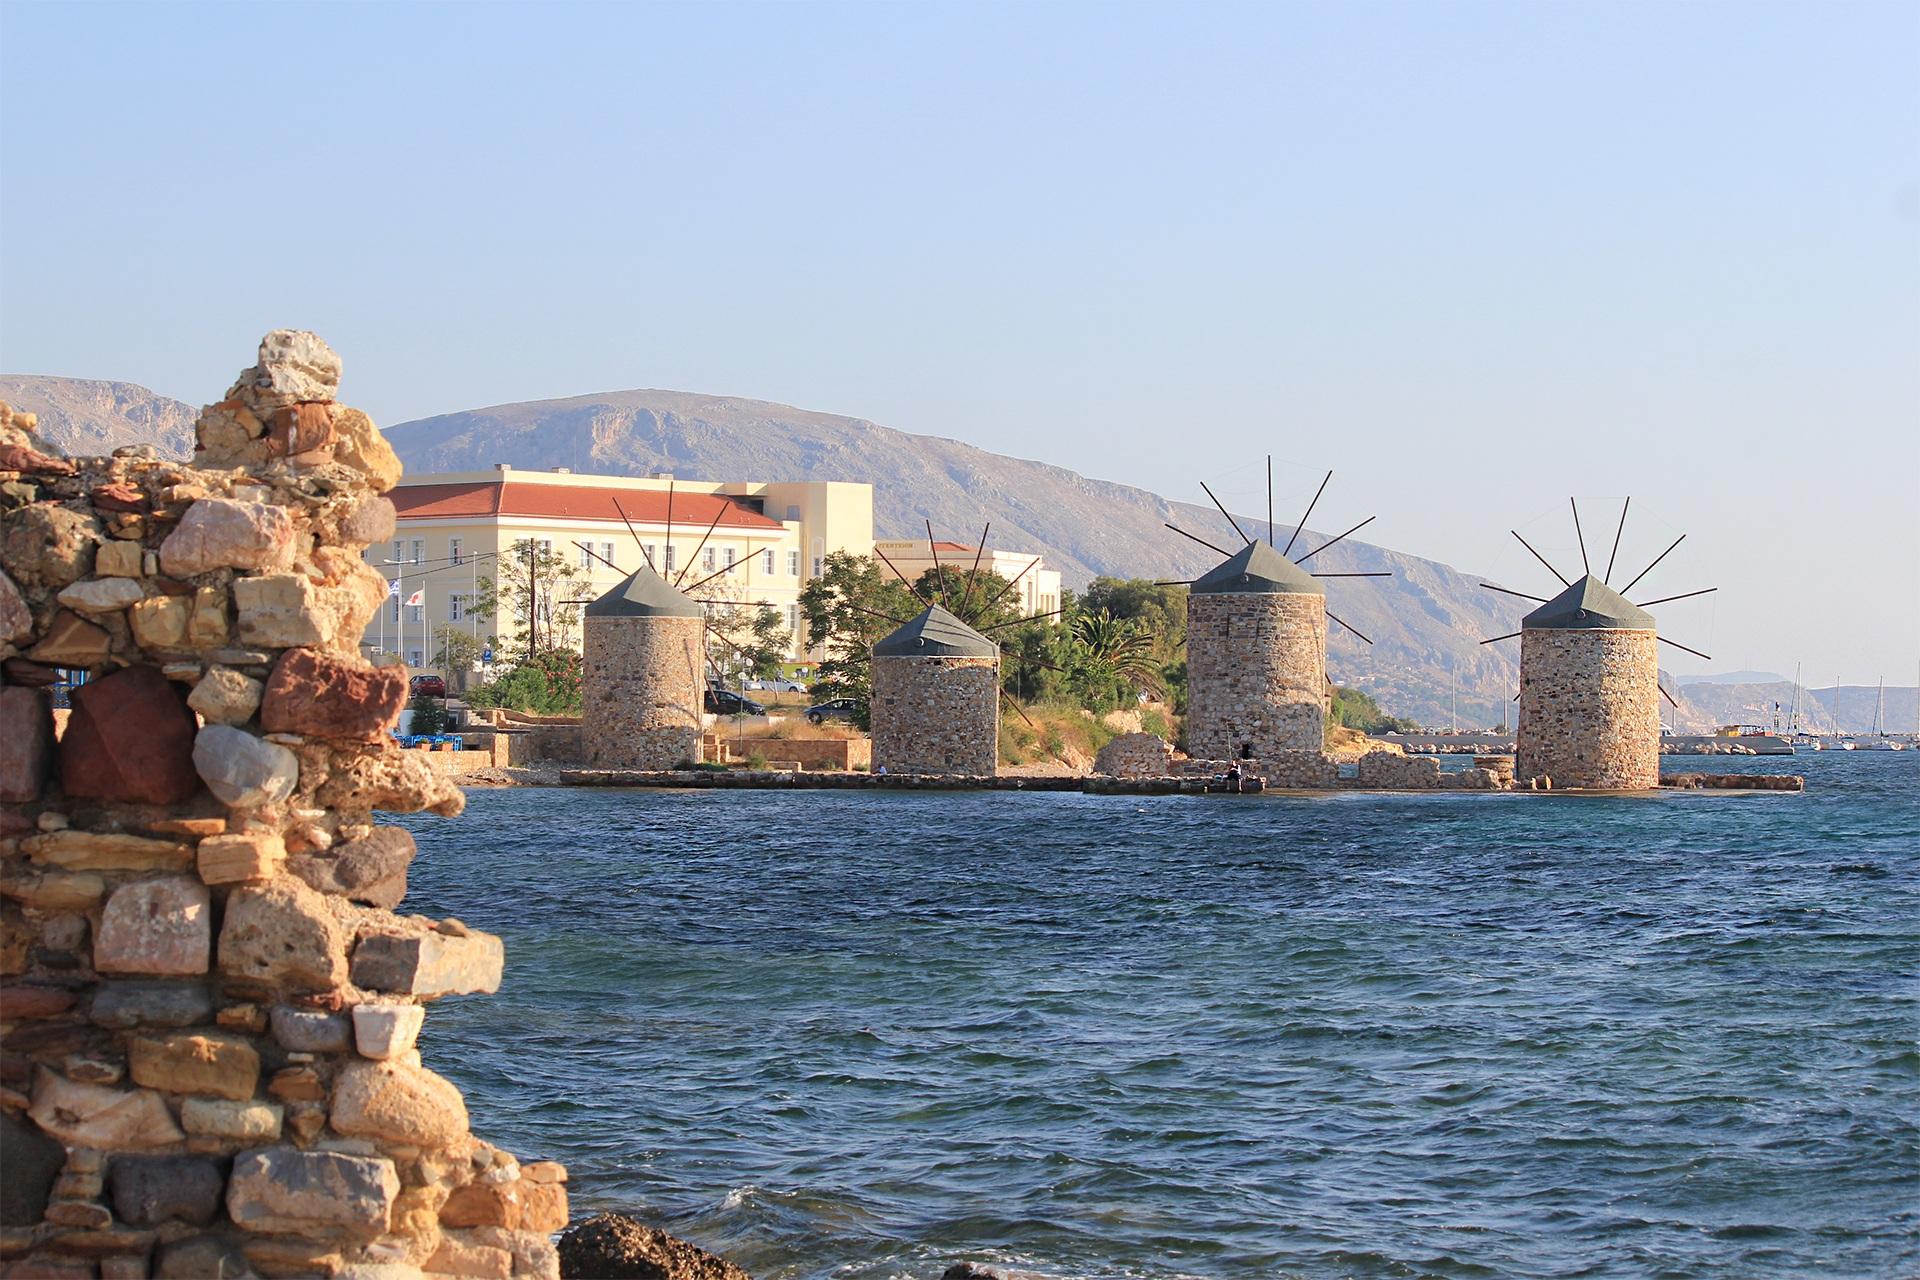 Insulele nord egeene insula Chios